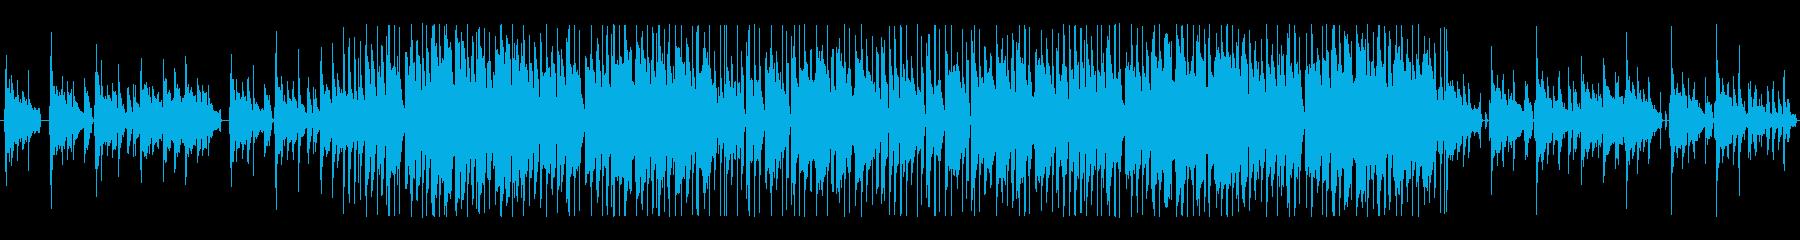 ループ/切ない雰囲気のシティポップの再生済みの波形